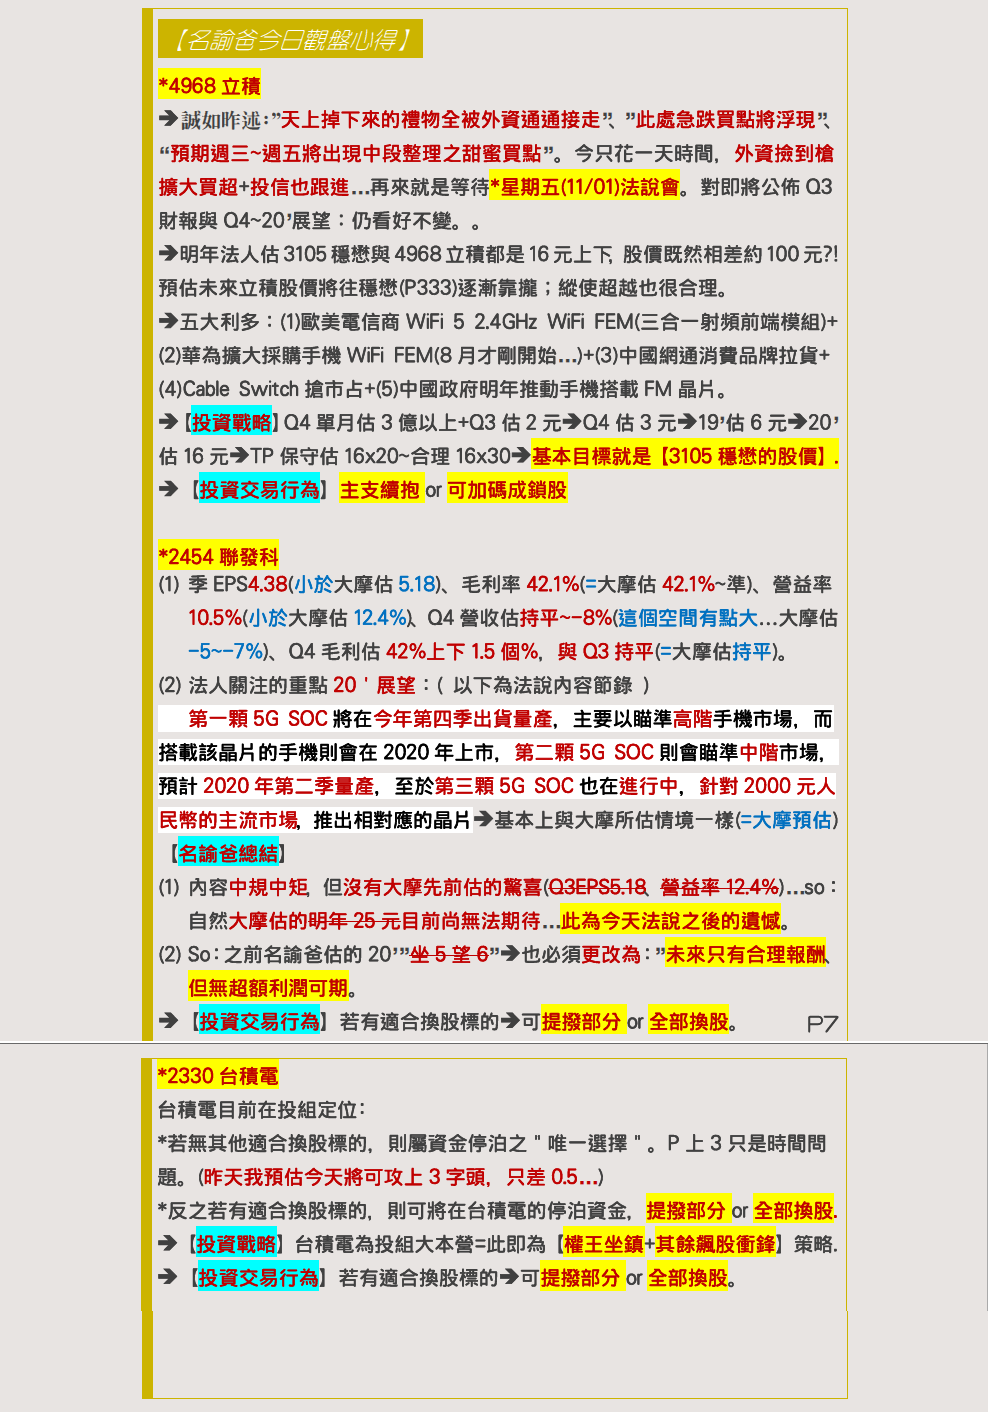 2019/10/31(四)名諭爸投資交易行為教學體驗_03